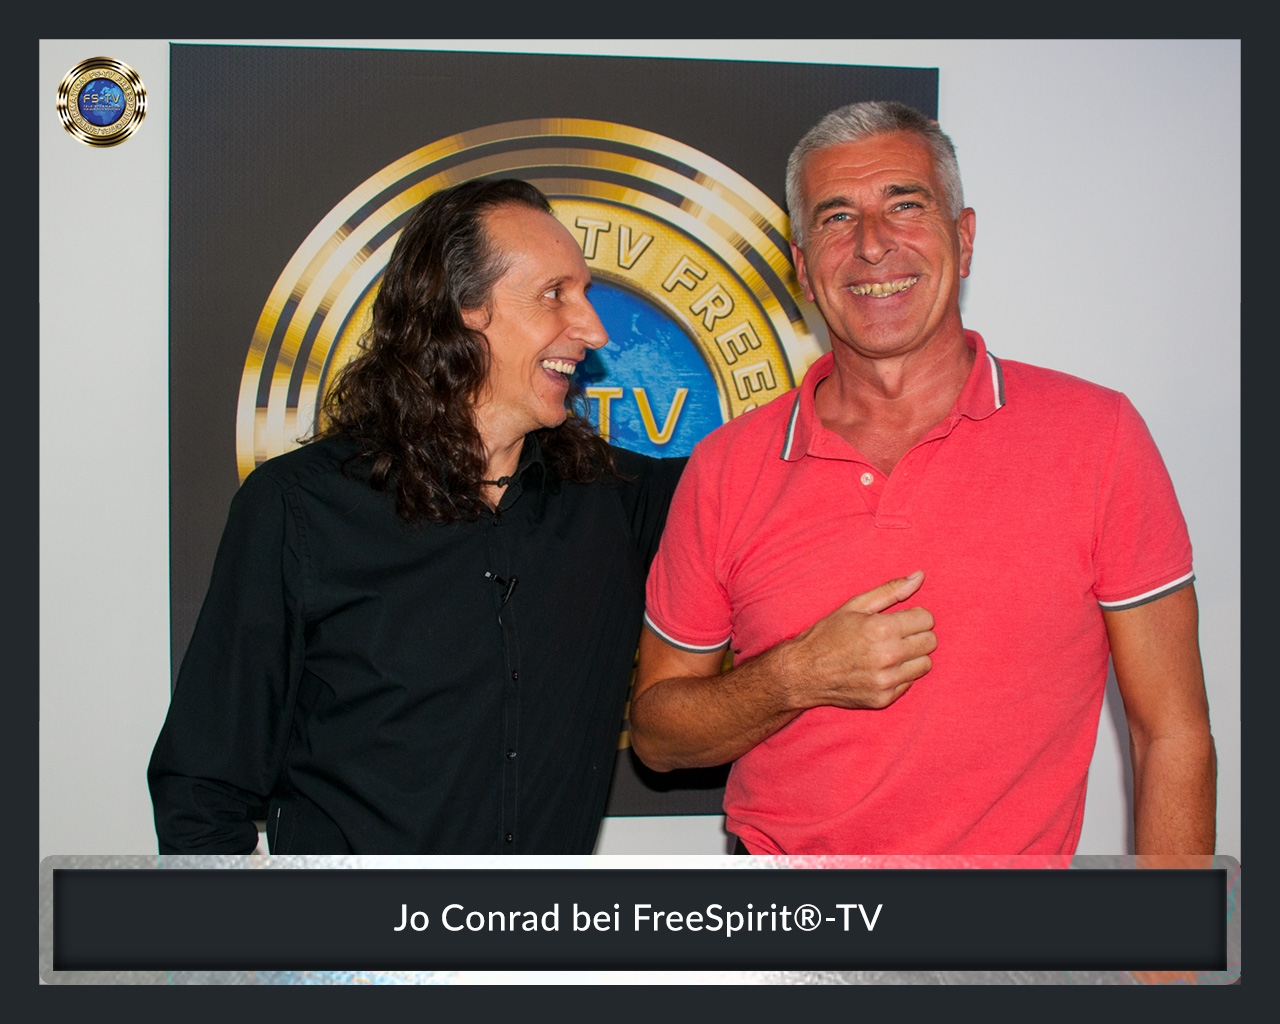 FS-TV-Bildergallerie-Jo-Conrad2